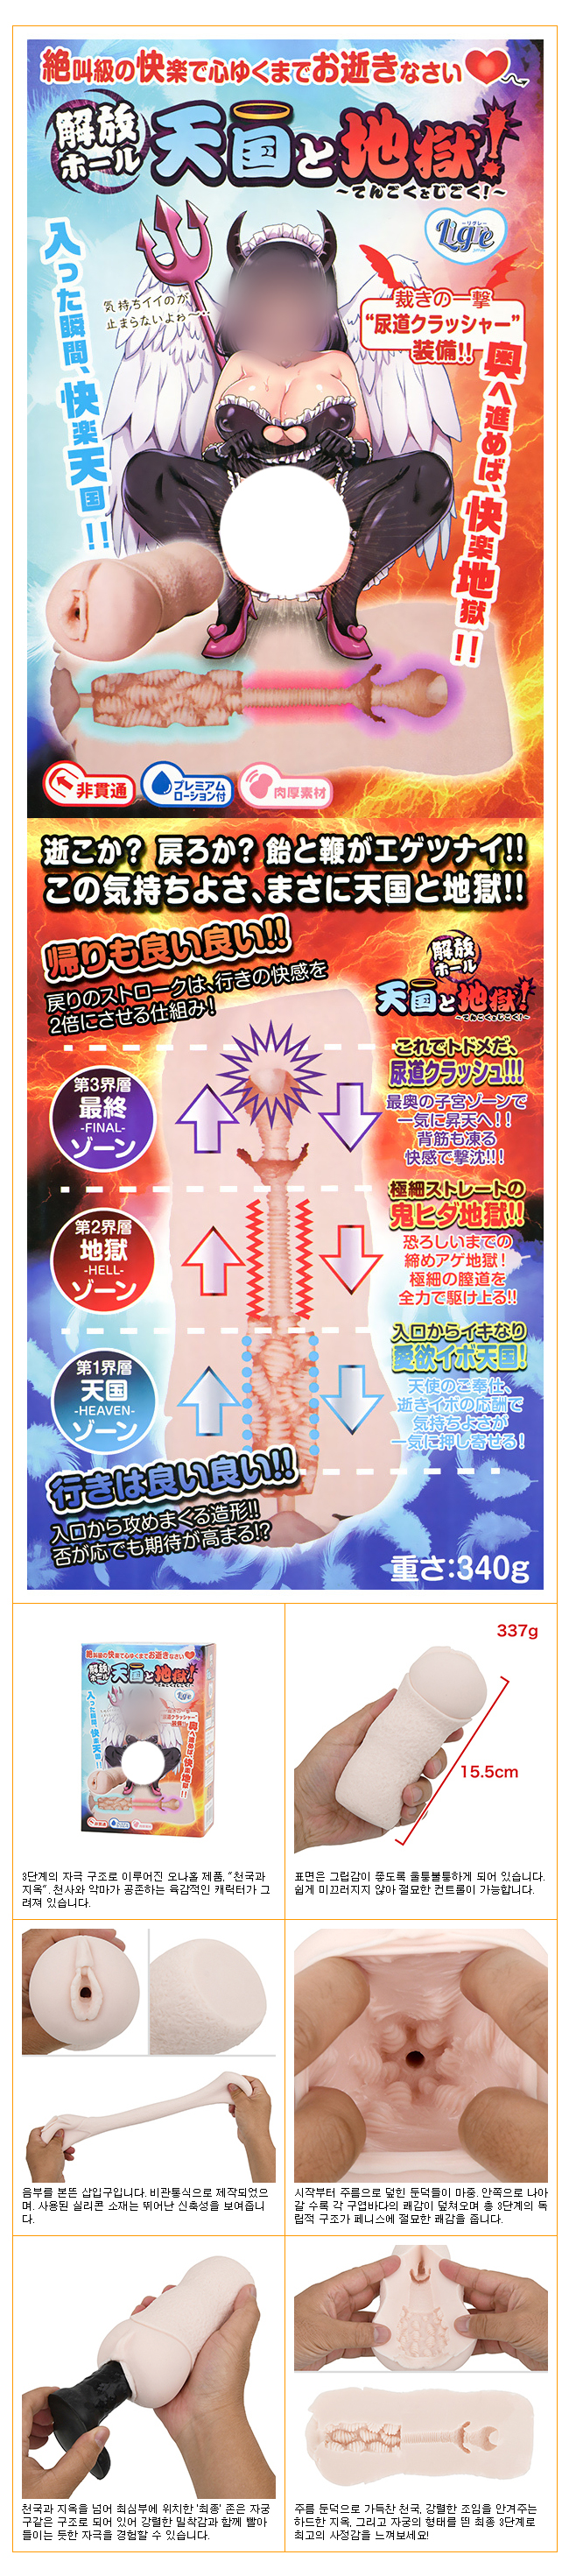 [일본 직수입] 천국과 지옥(天国と地獄)